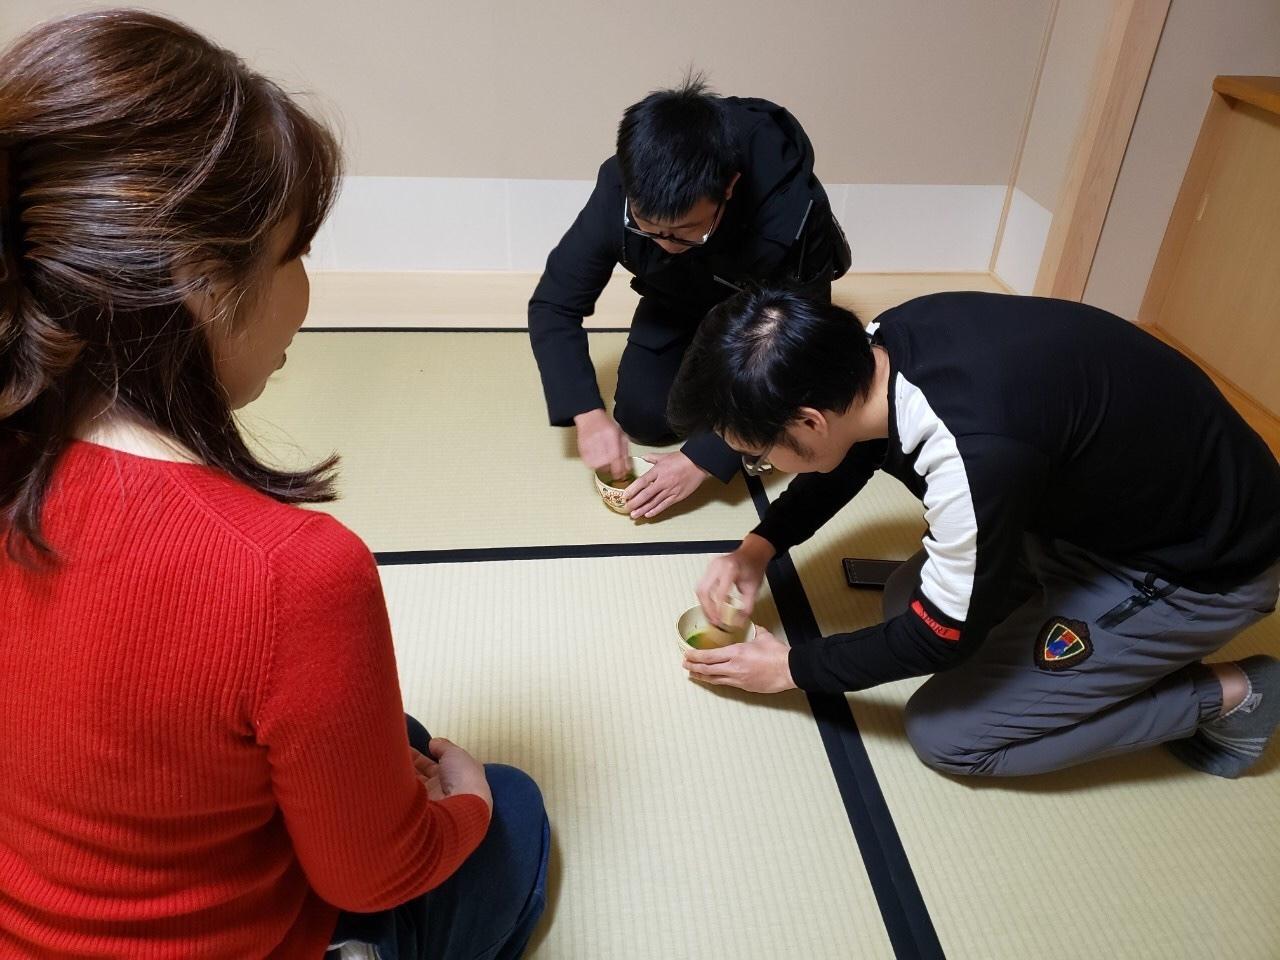 日曜朝教室(2019.12.22)お茶会🍵_e0175020_10052772.jpeg